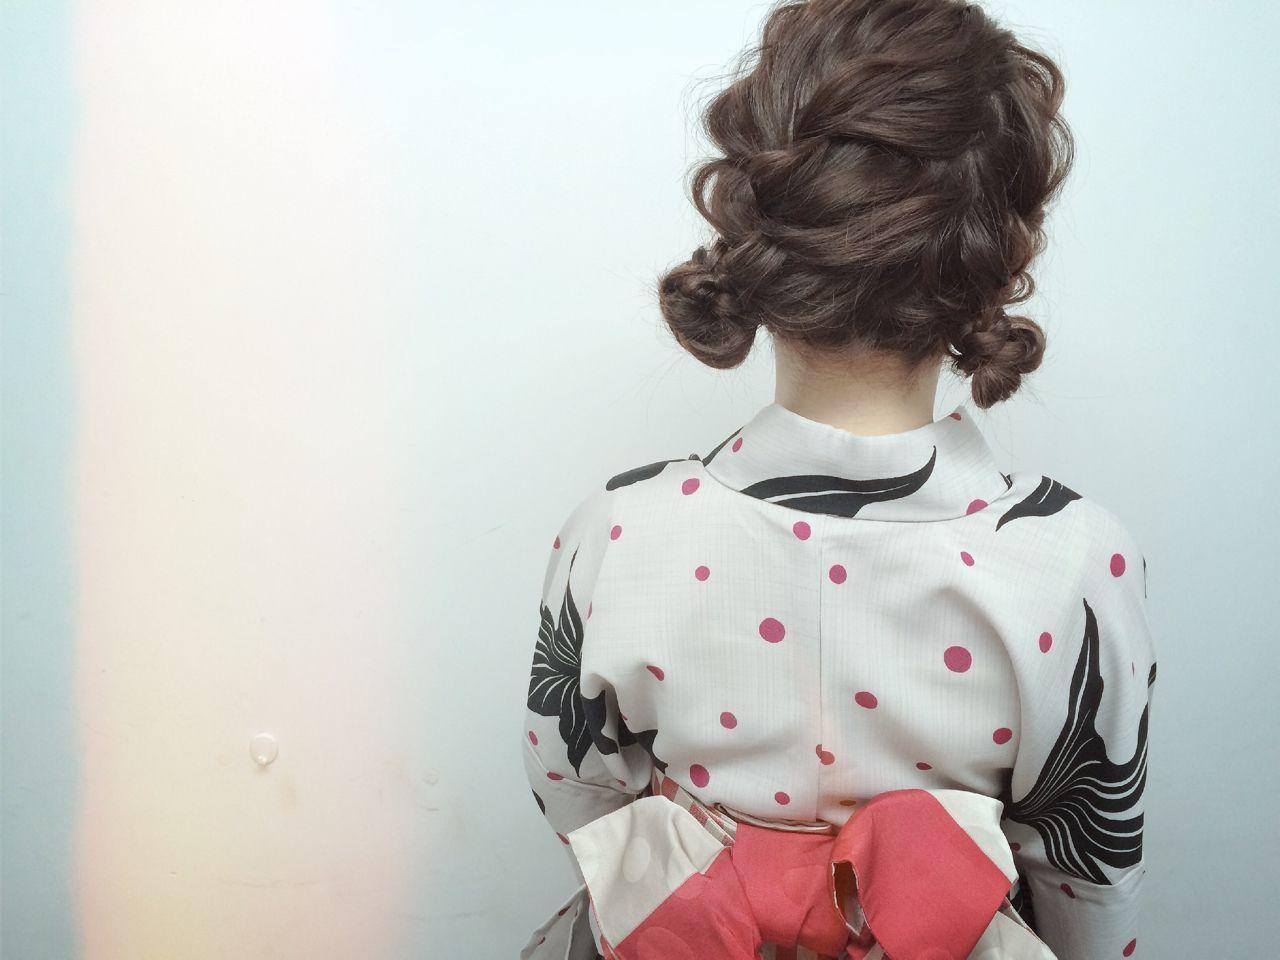 不器用さんも本領発揮♡《簡単ヘアアレンジ》でおしゃ髪宣言しない?の12枚目の画像